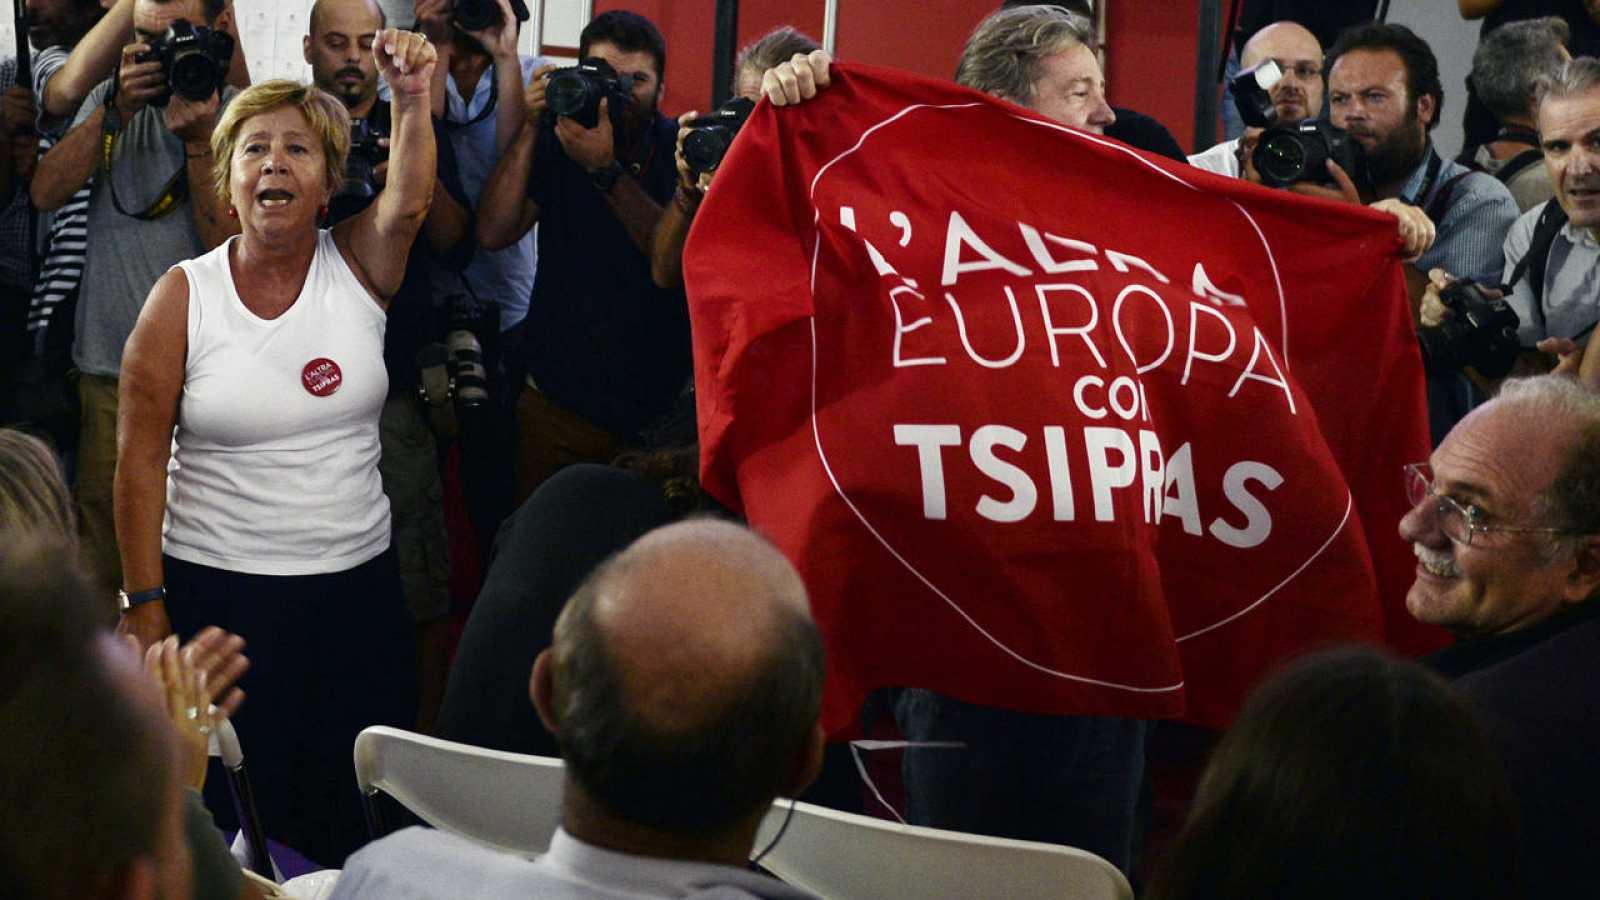 Seguidores de Syriza y de la formación italiana L'Altra Europa celebran el resultado en las elecciones de este 20 de septiembre